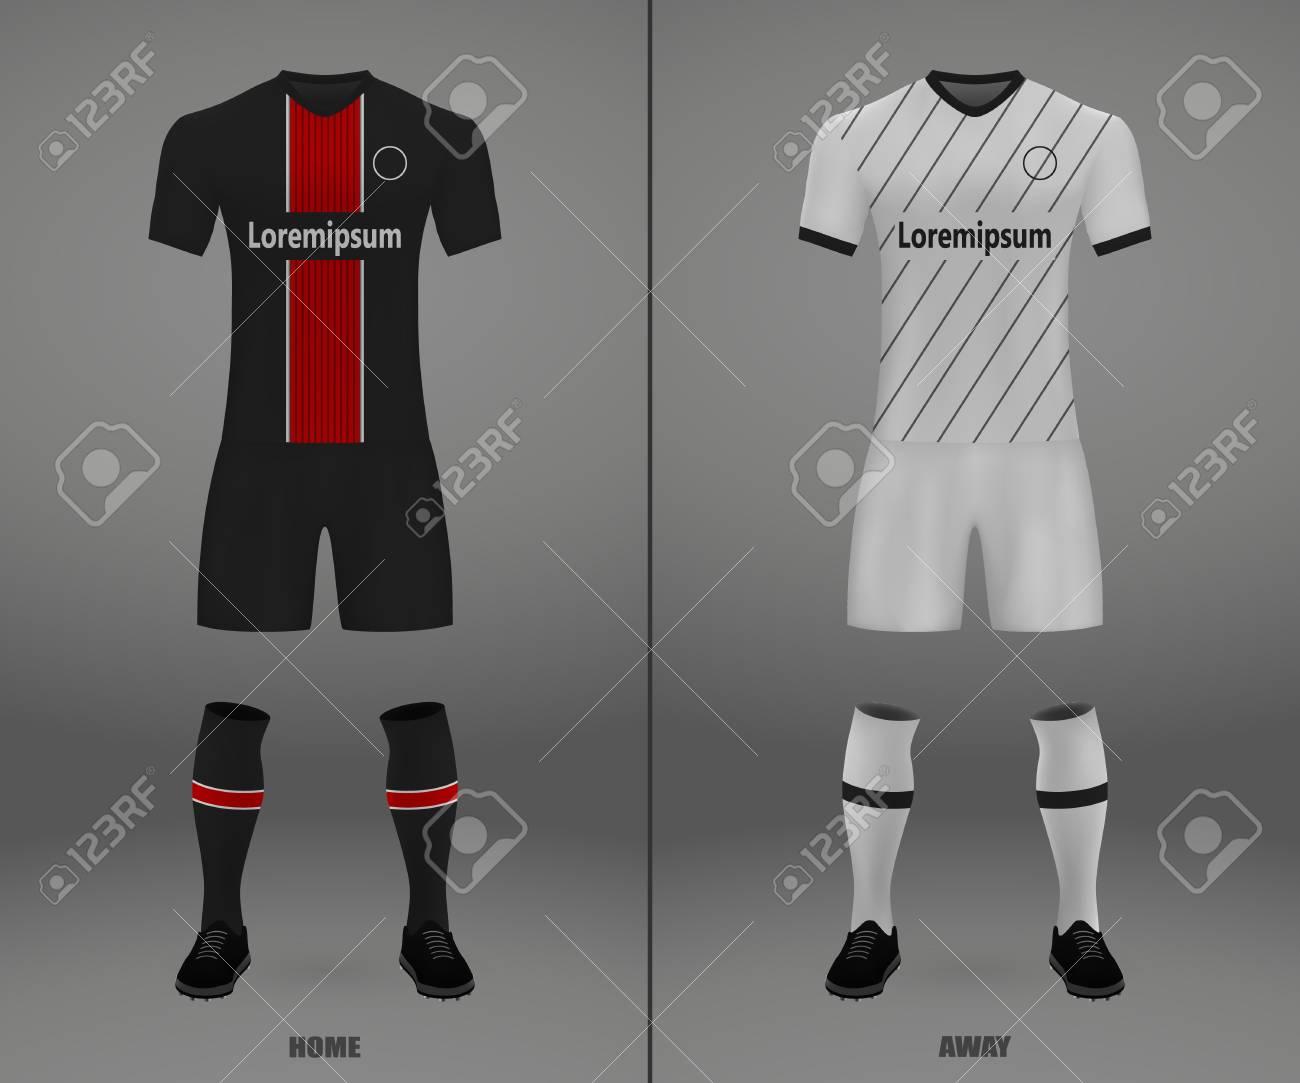 football kit Bayer Leverkusen 2018-19, shirt template for soccer